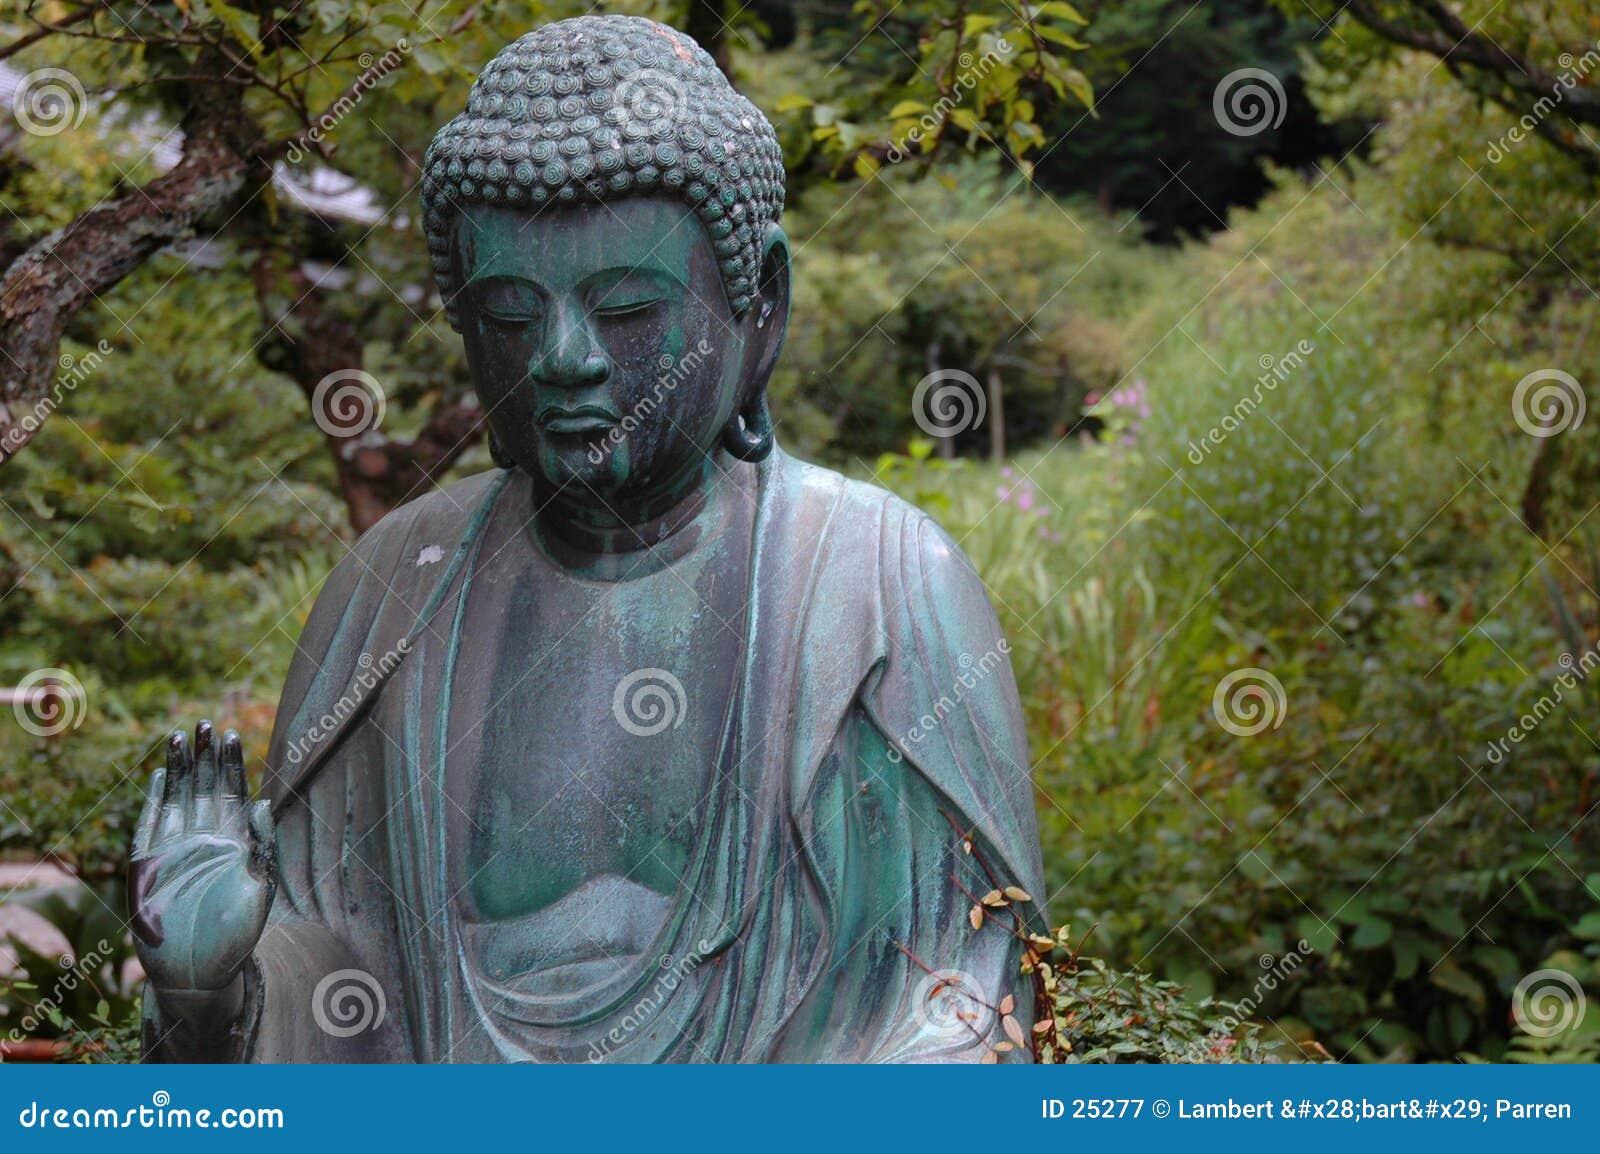 Budda amida